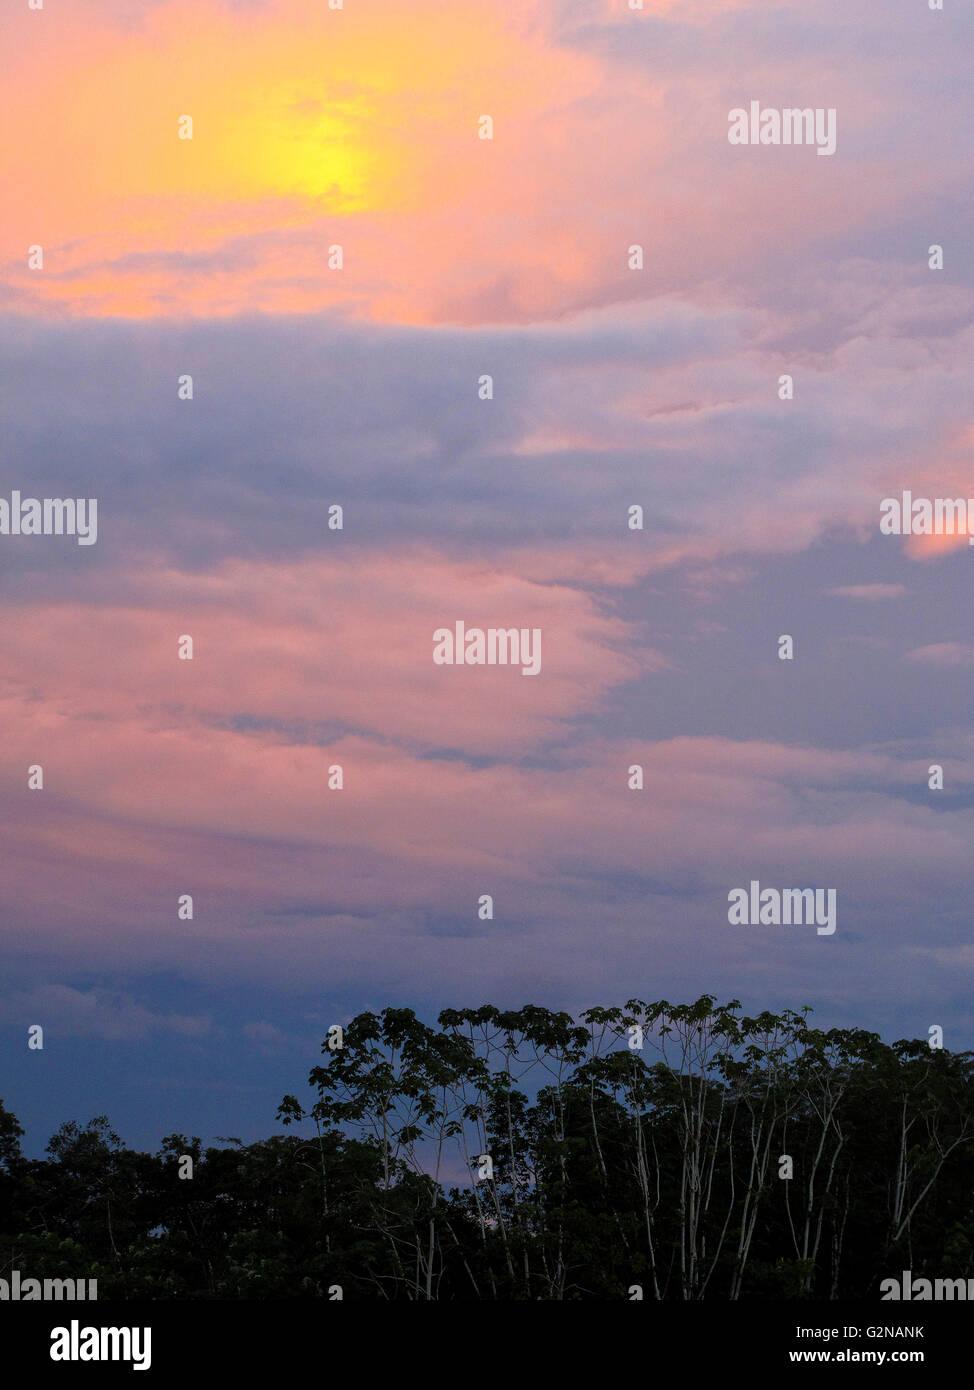 Angamos. Amazon forest. Peru - Stock Image